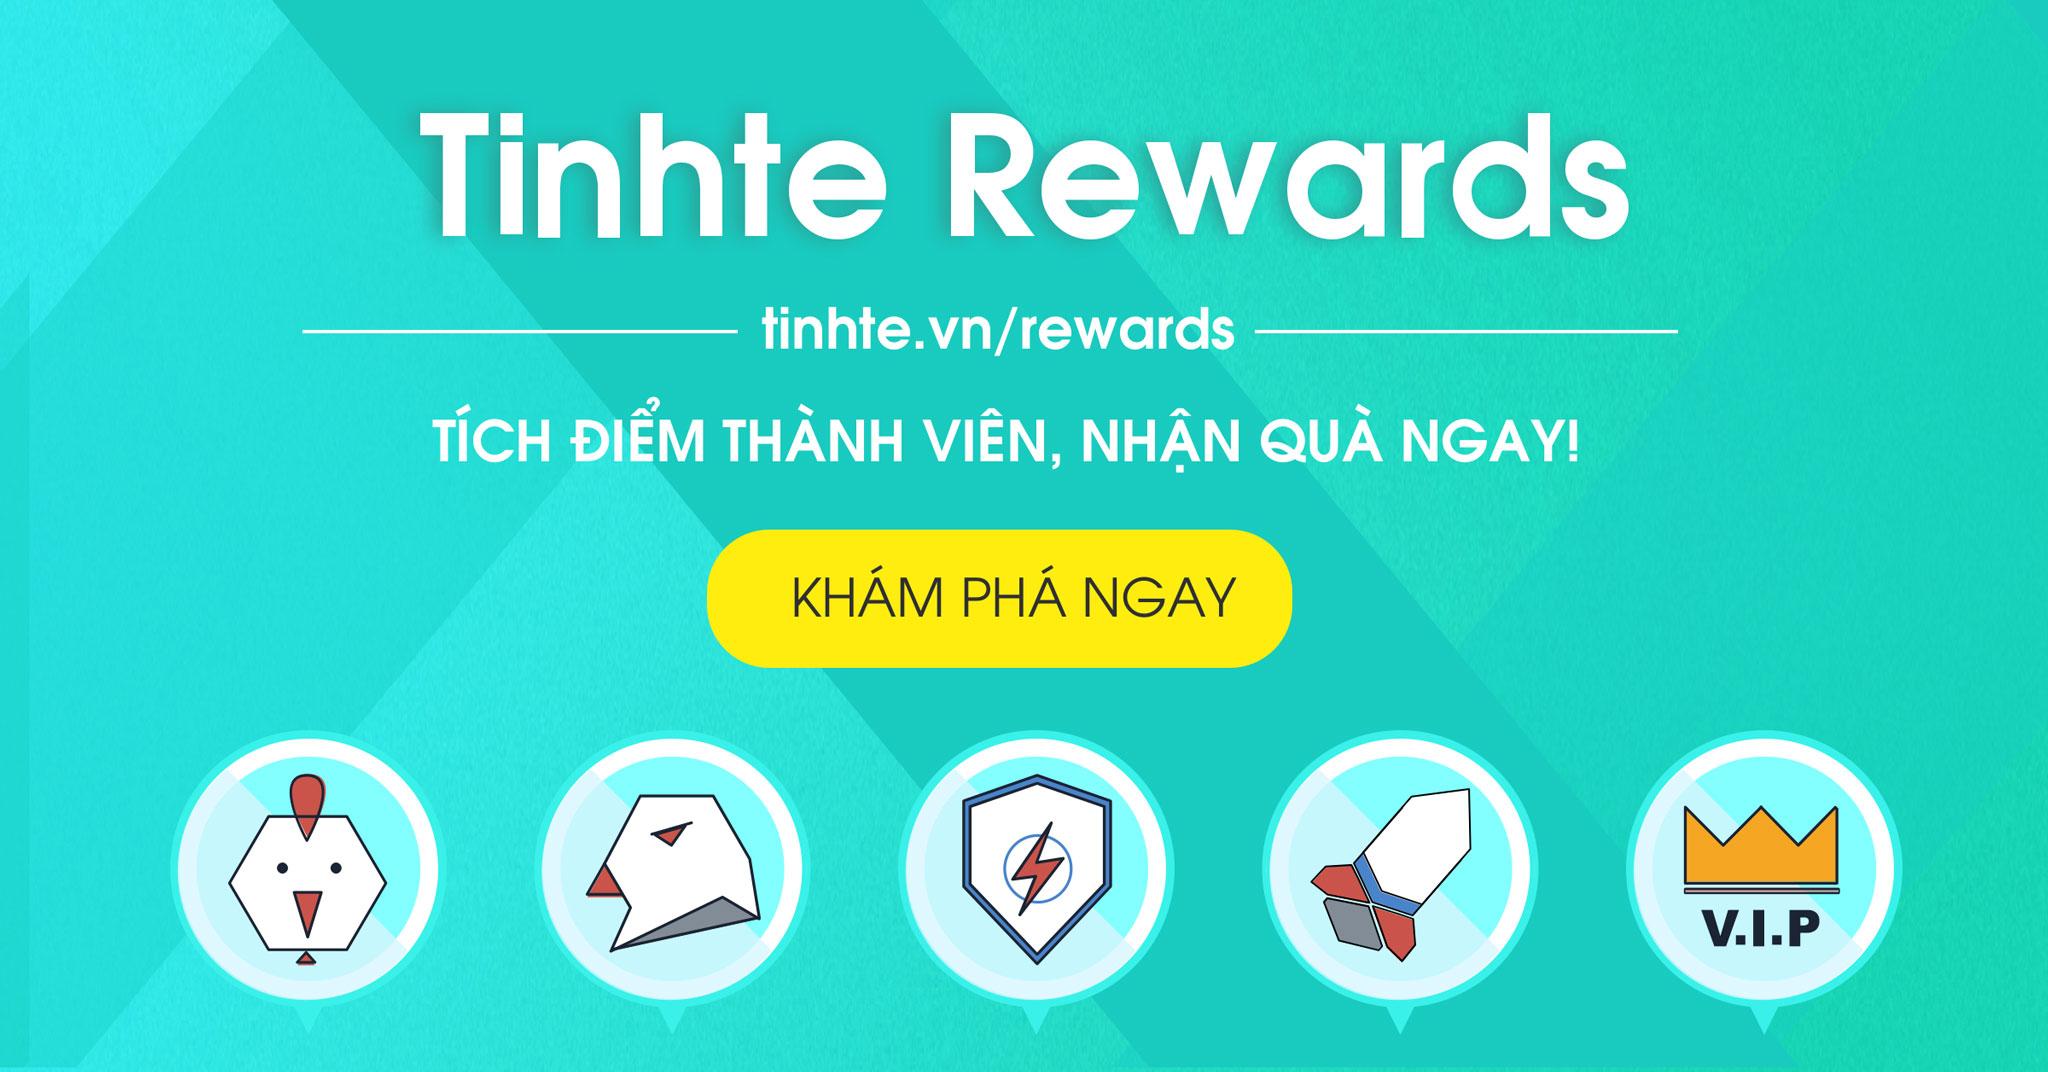 tinhte_rewards.jpg